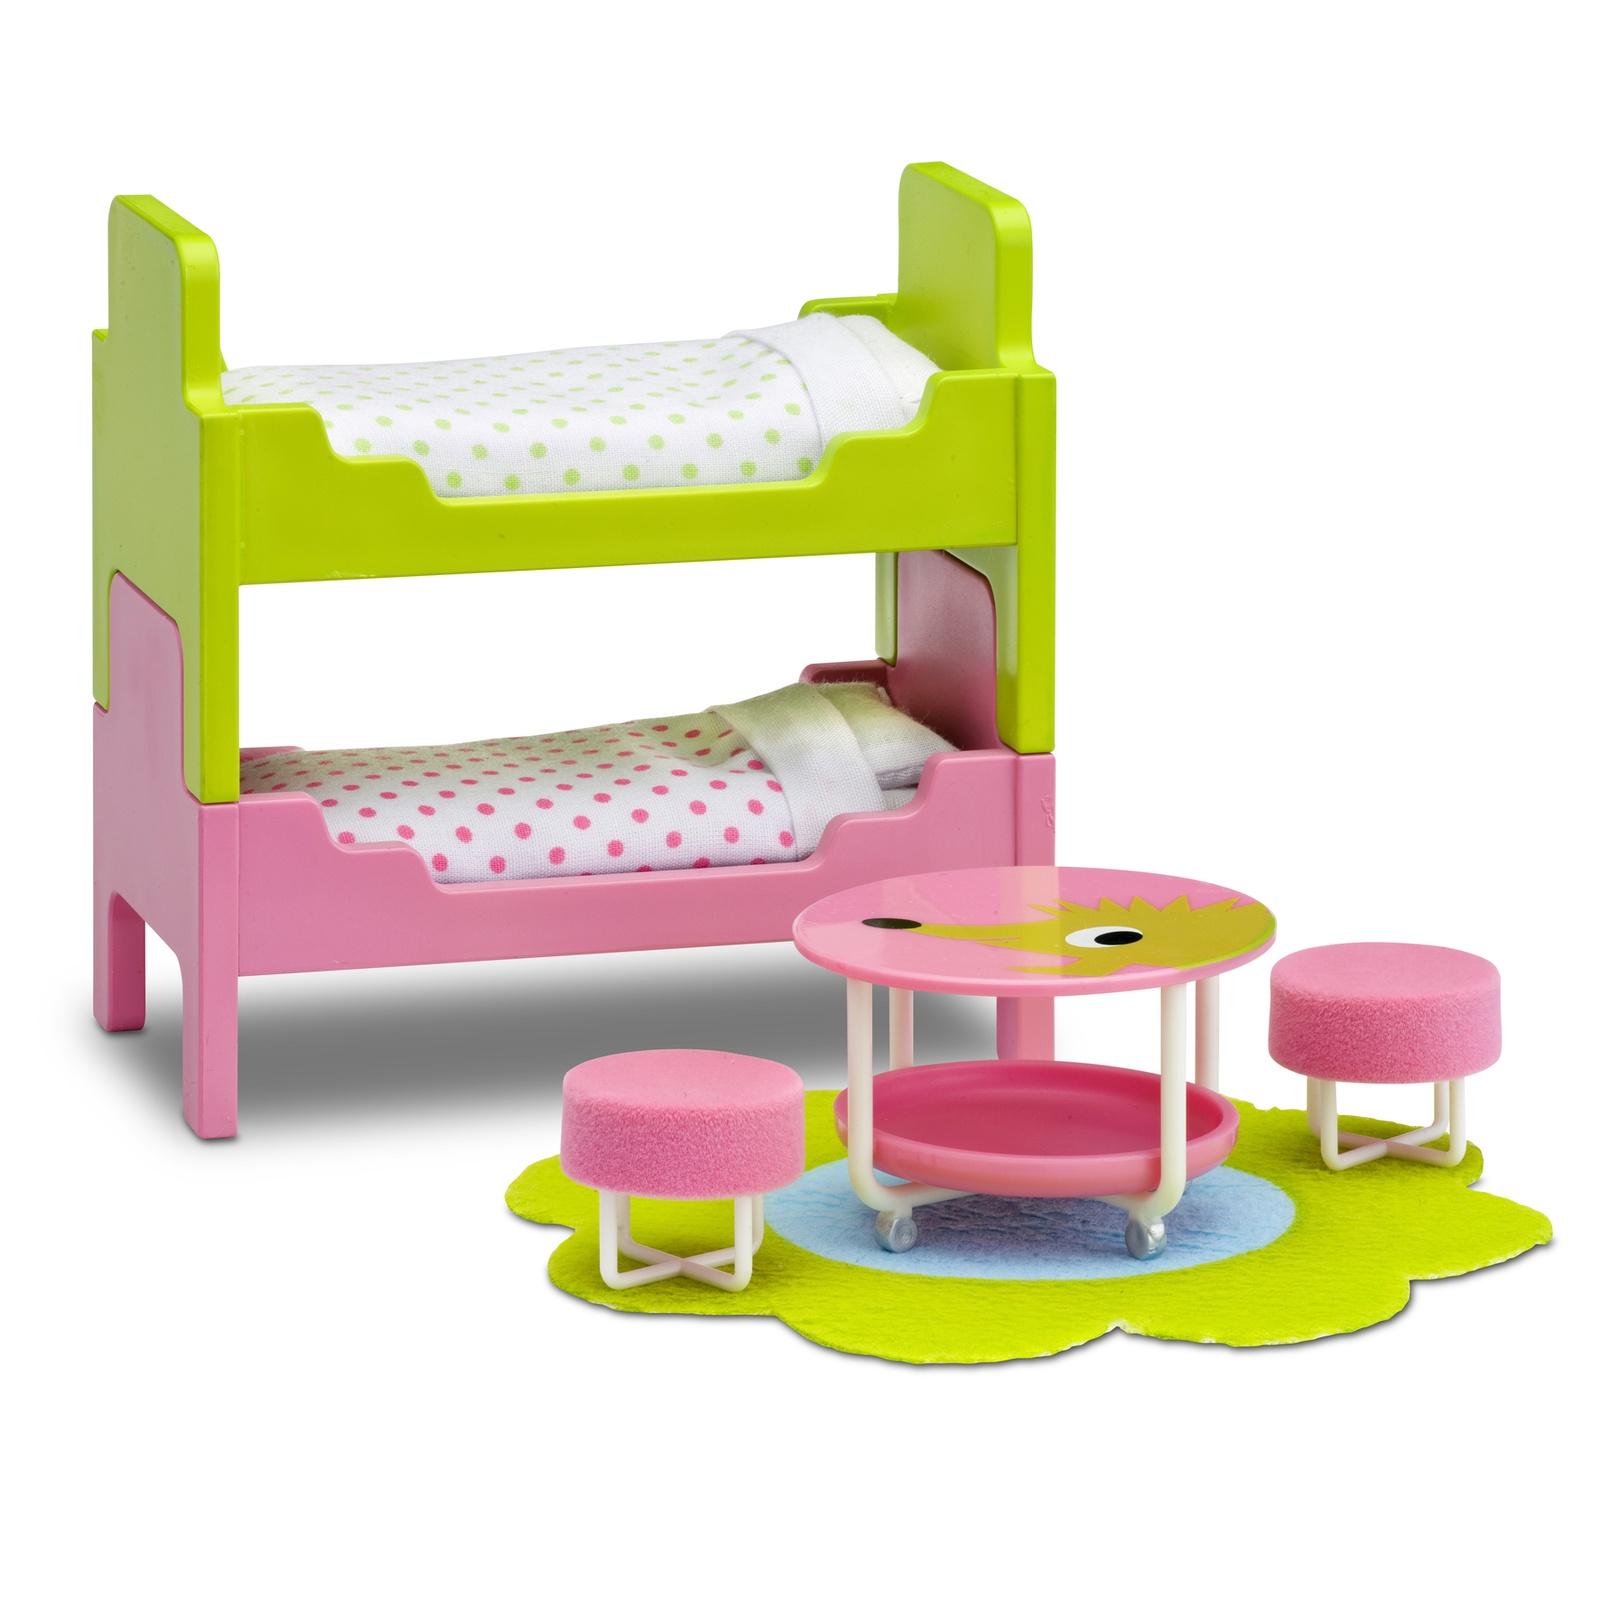 Фото - Мебель для домика Lundby Смоланд, детская с 2 кроватями аксессуары для домика lundby смоланд батут с машинкой